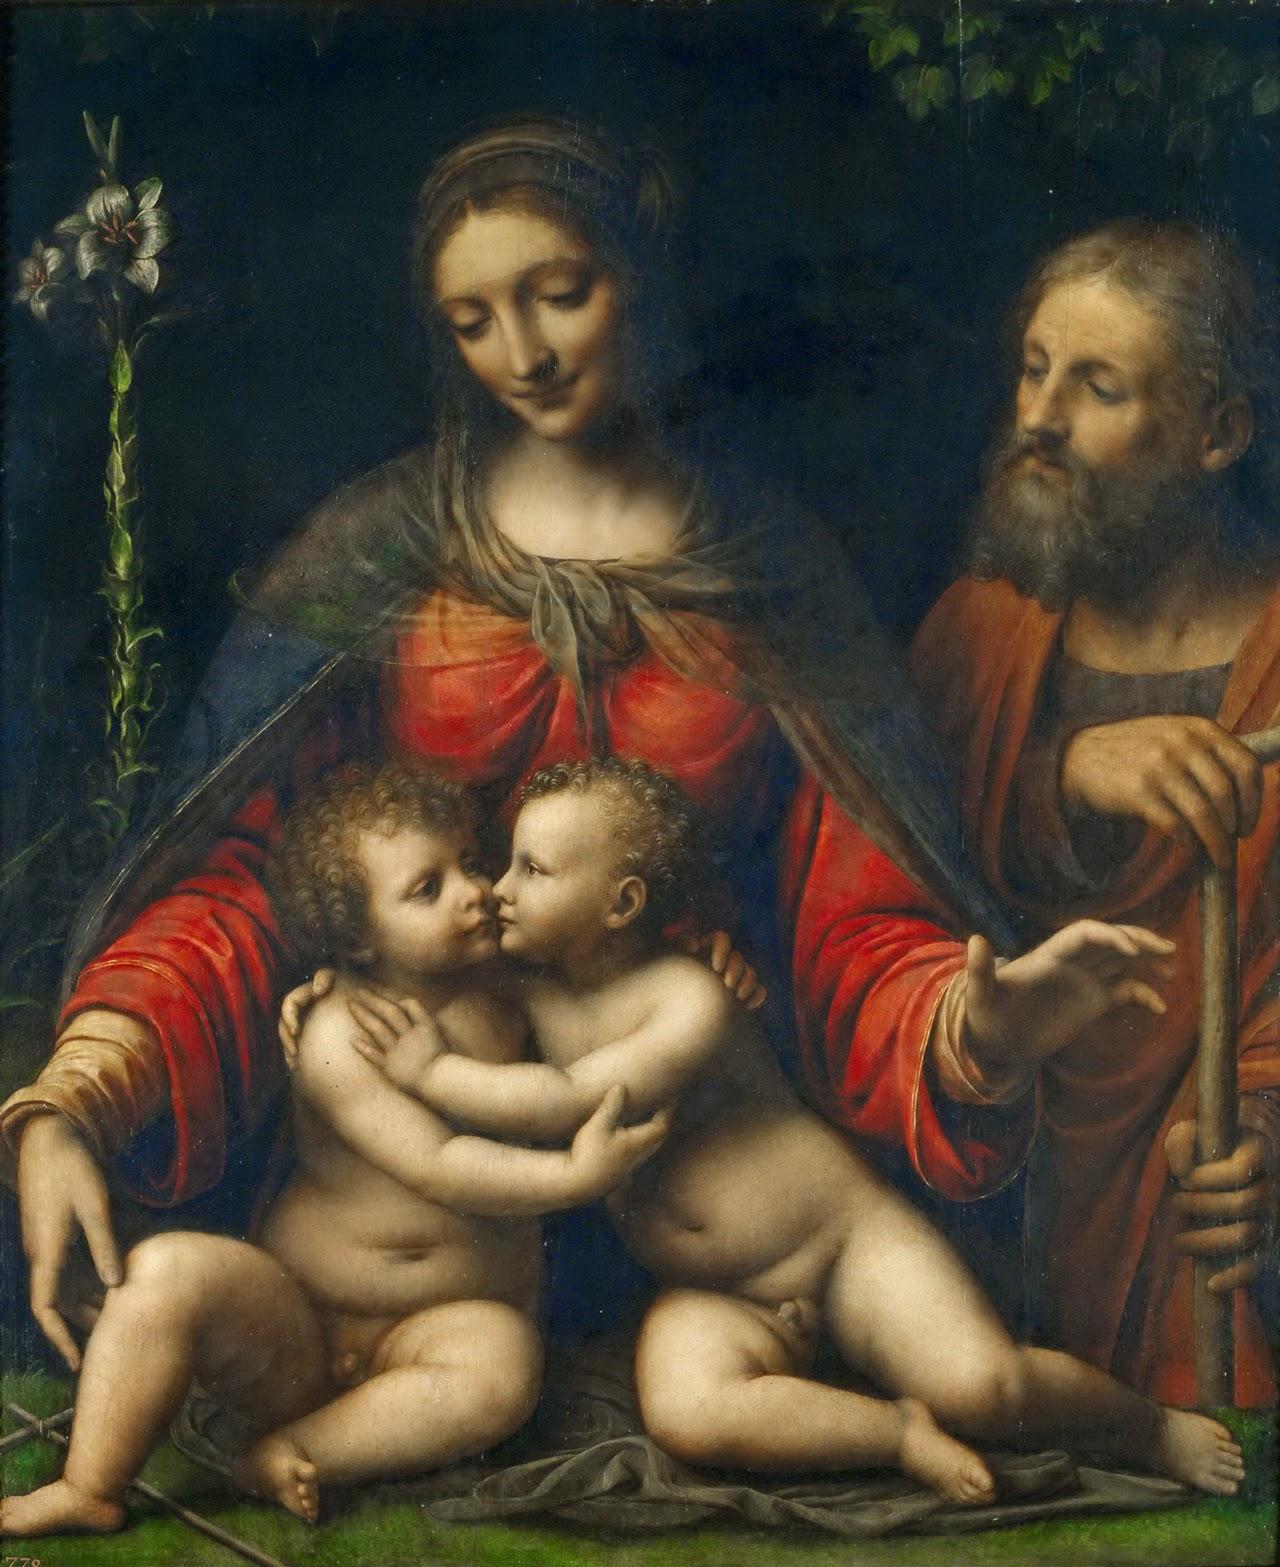 Bernardino Luini (1480/1485-1532)